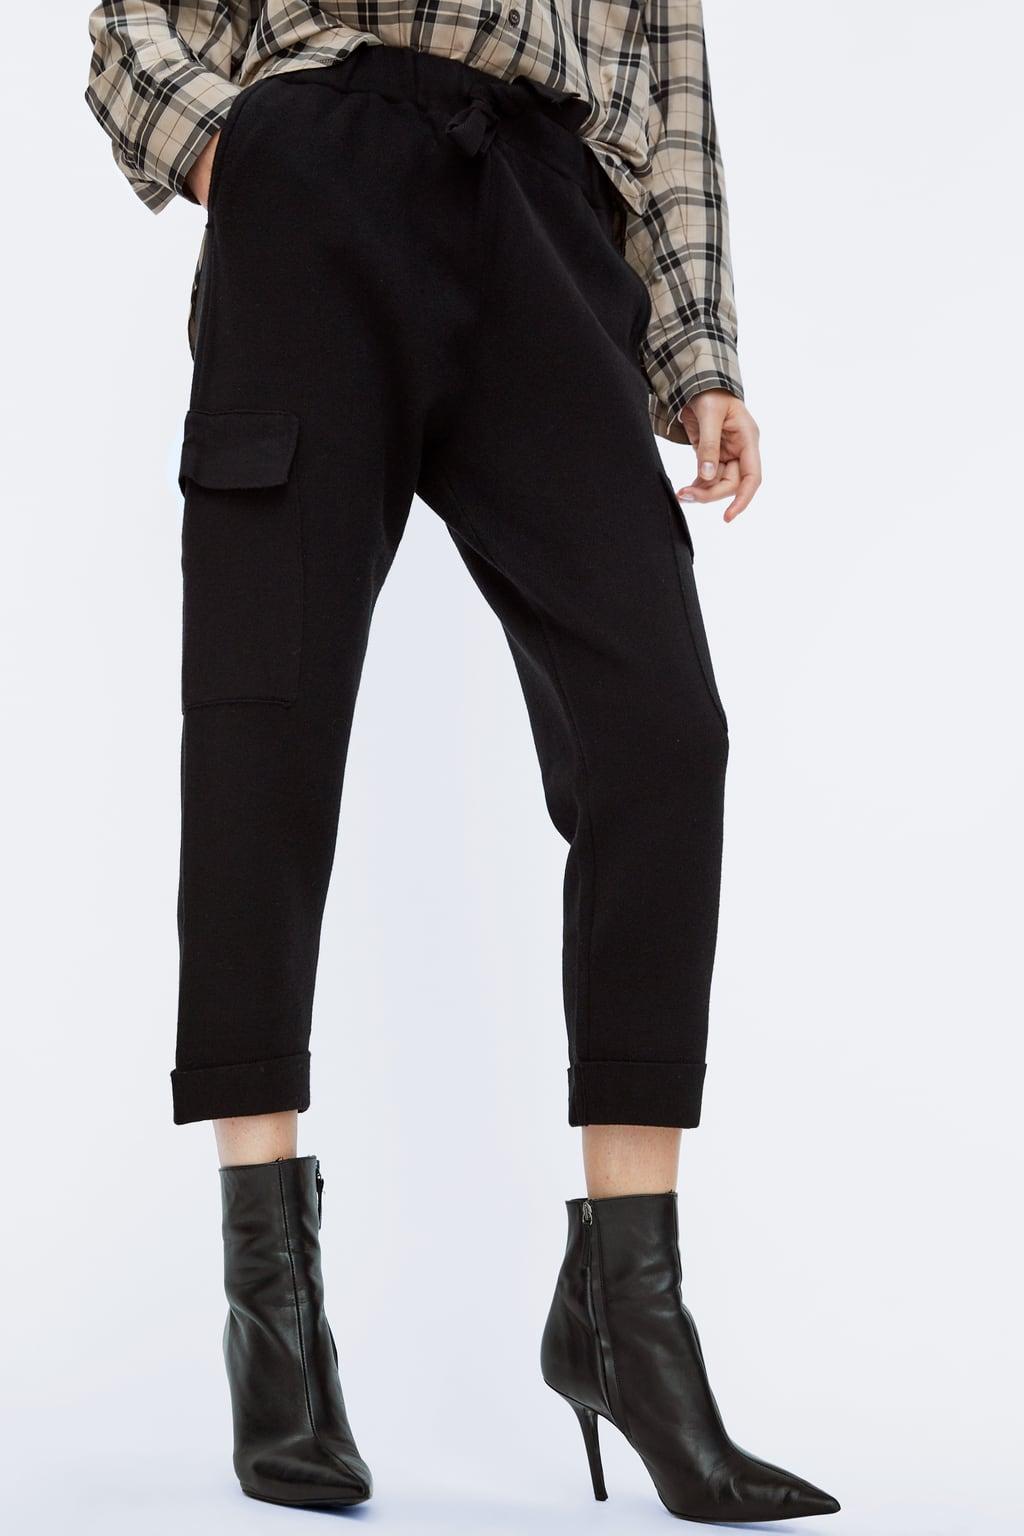 pantalones_joggers_que_son_y_como_usarlos_zara_bolsillos_laterales